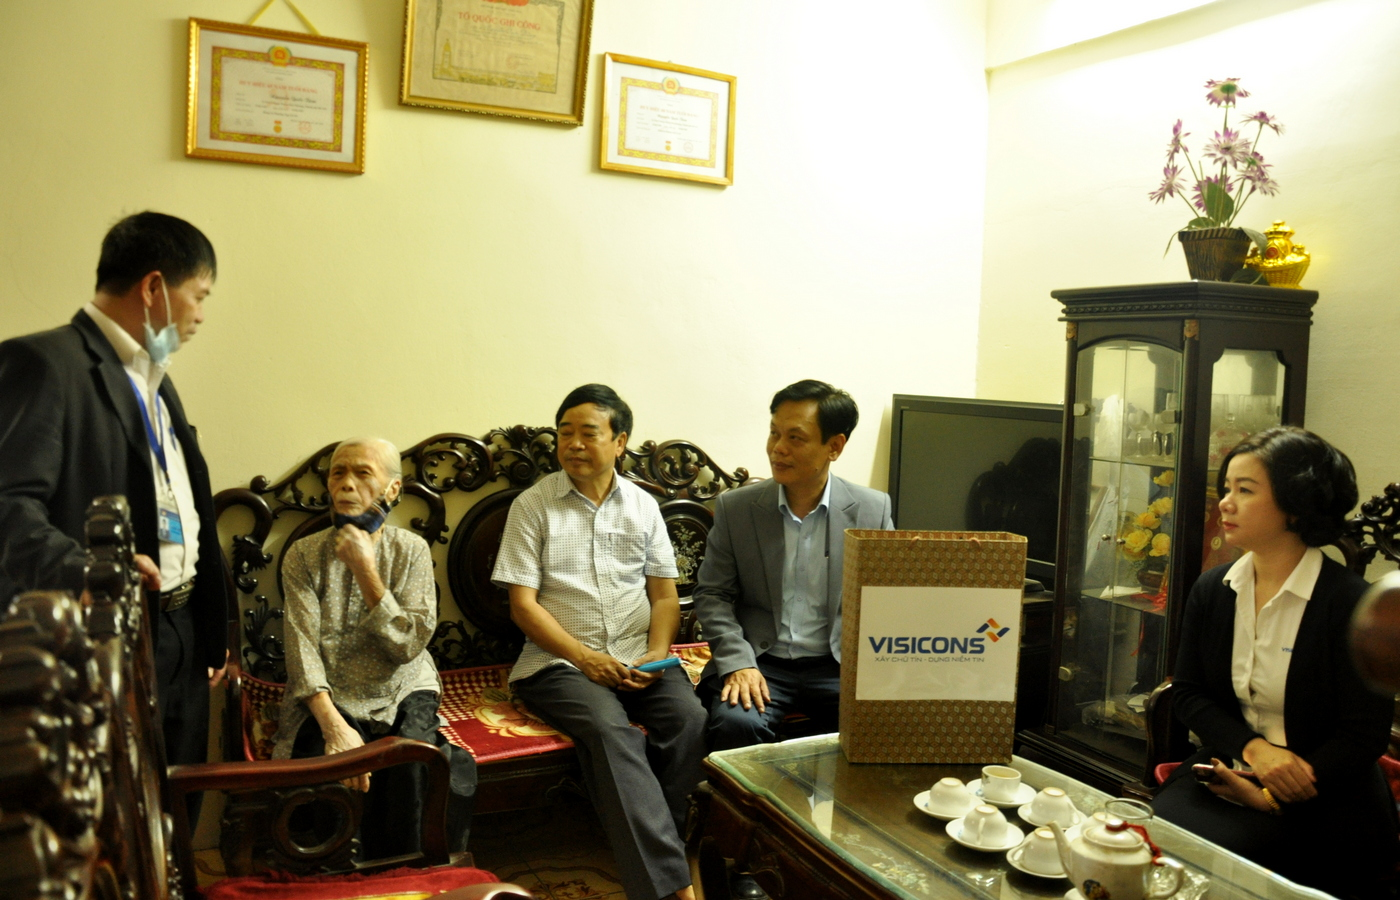 Visicons thăm hỏi và tặng quà các gia đình chính sách và gia đình có hoàn cảnh khó khăn trên địa bàn phường Trung Hòa